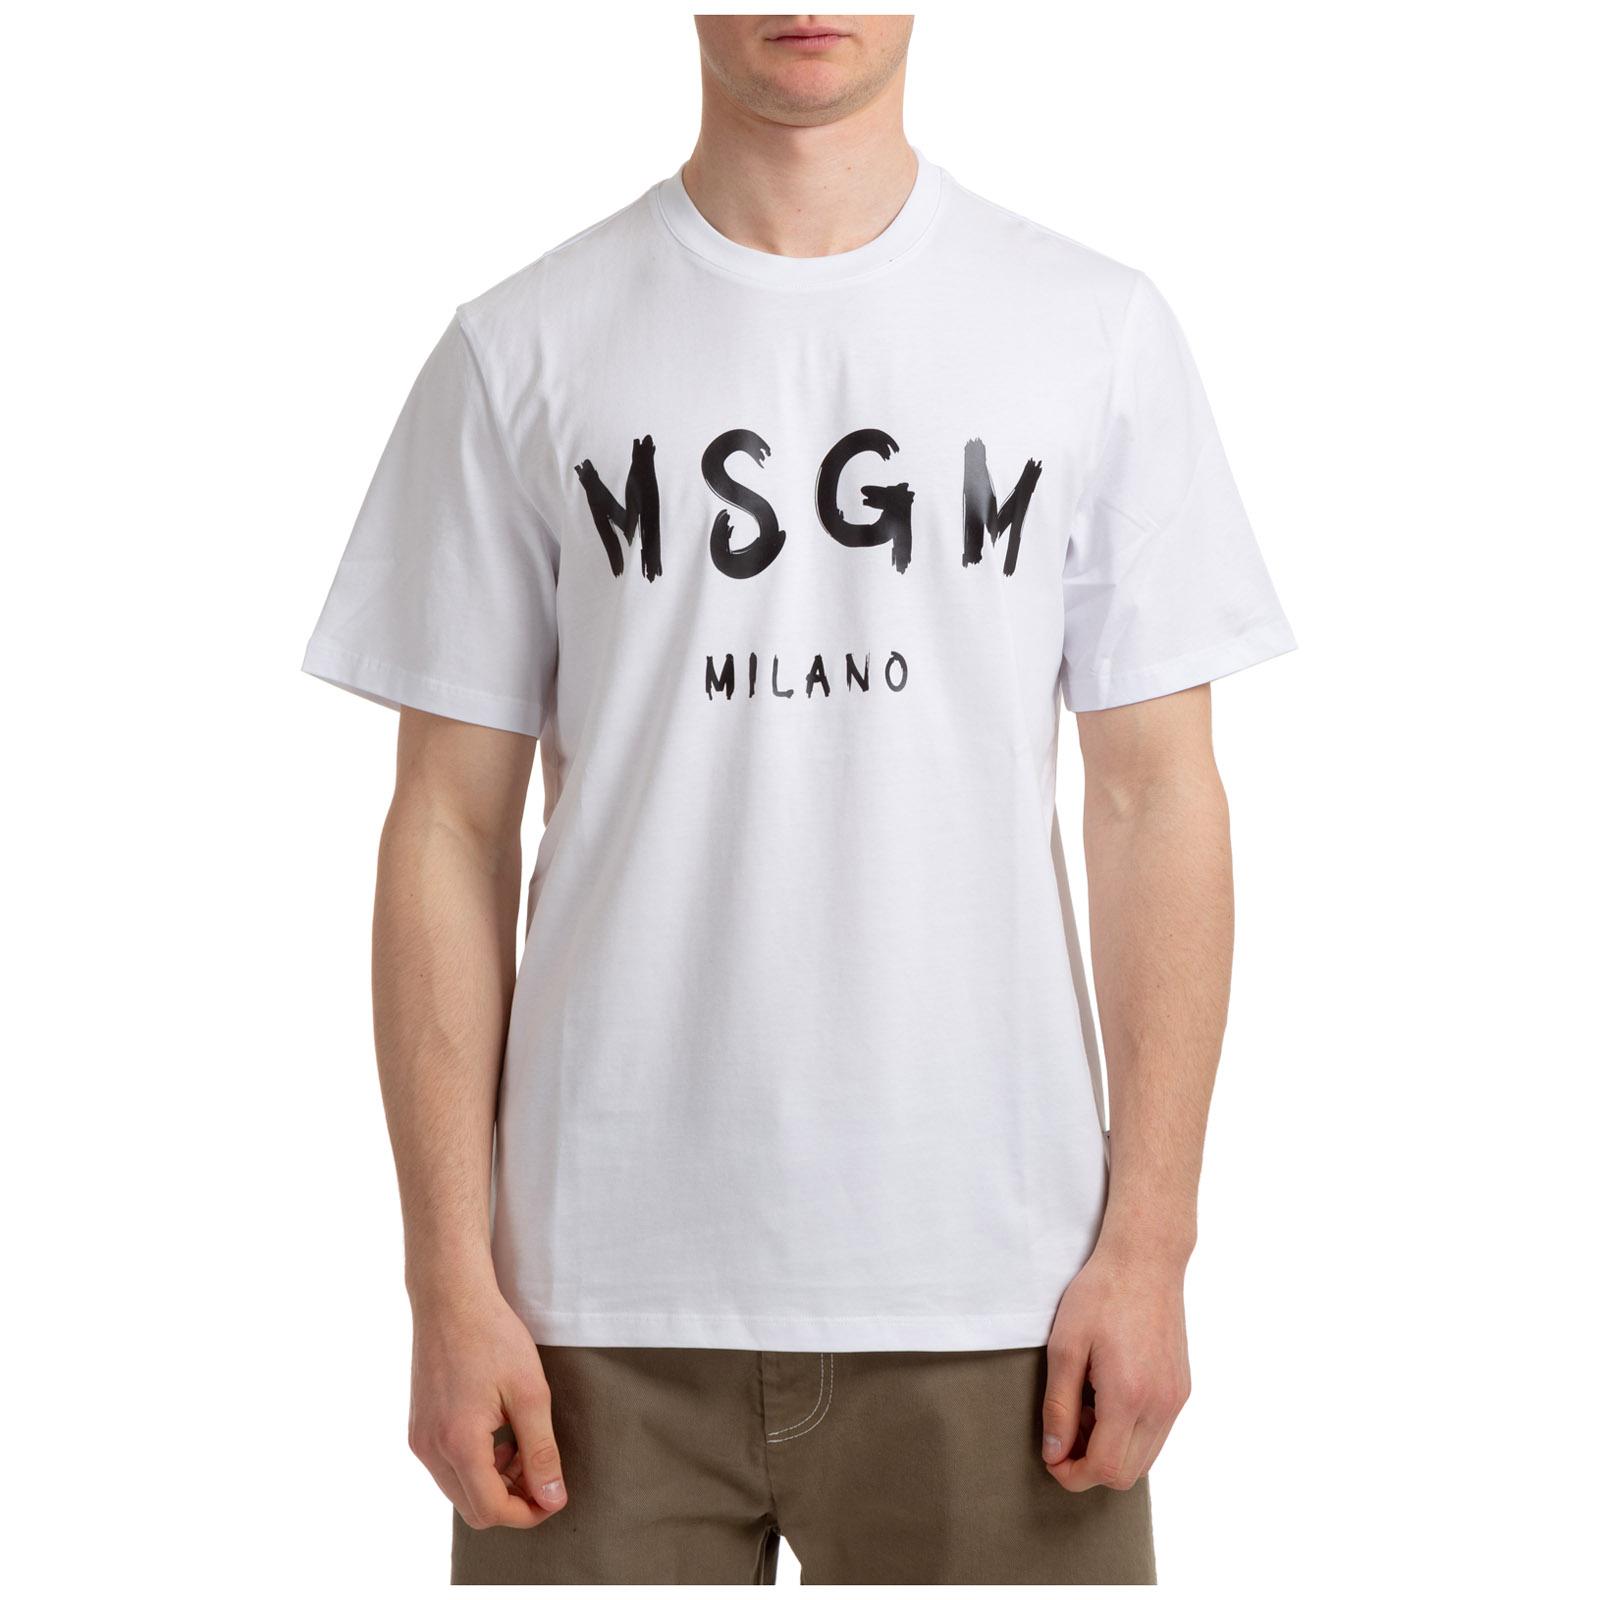 T-shirt maglia maniche corte girocollo uomo logo pennellato